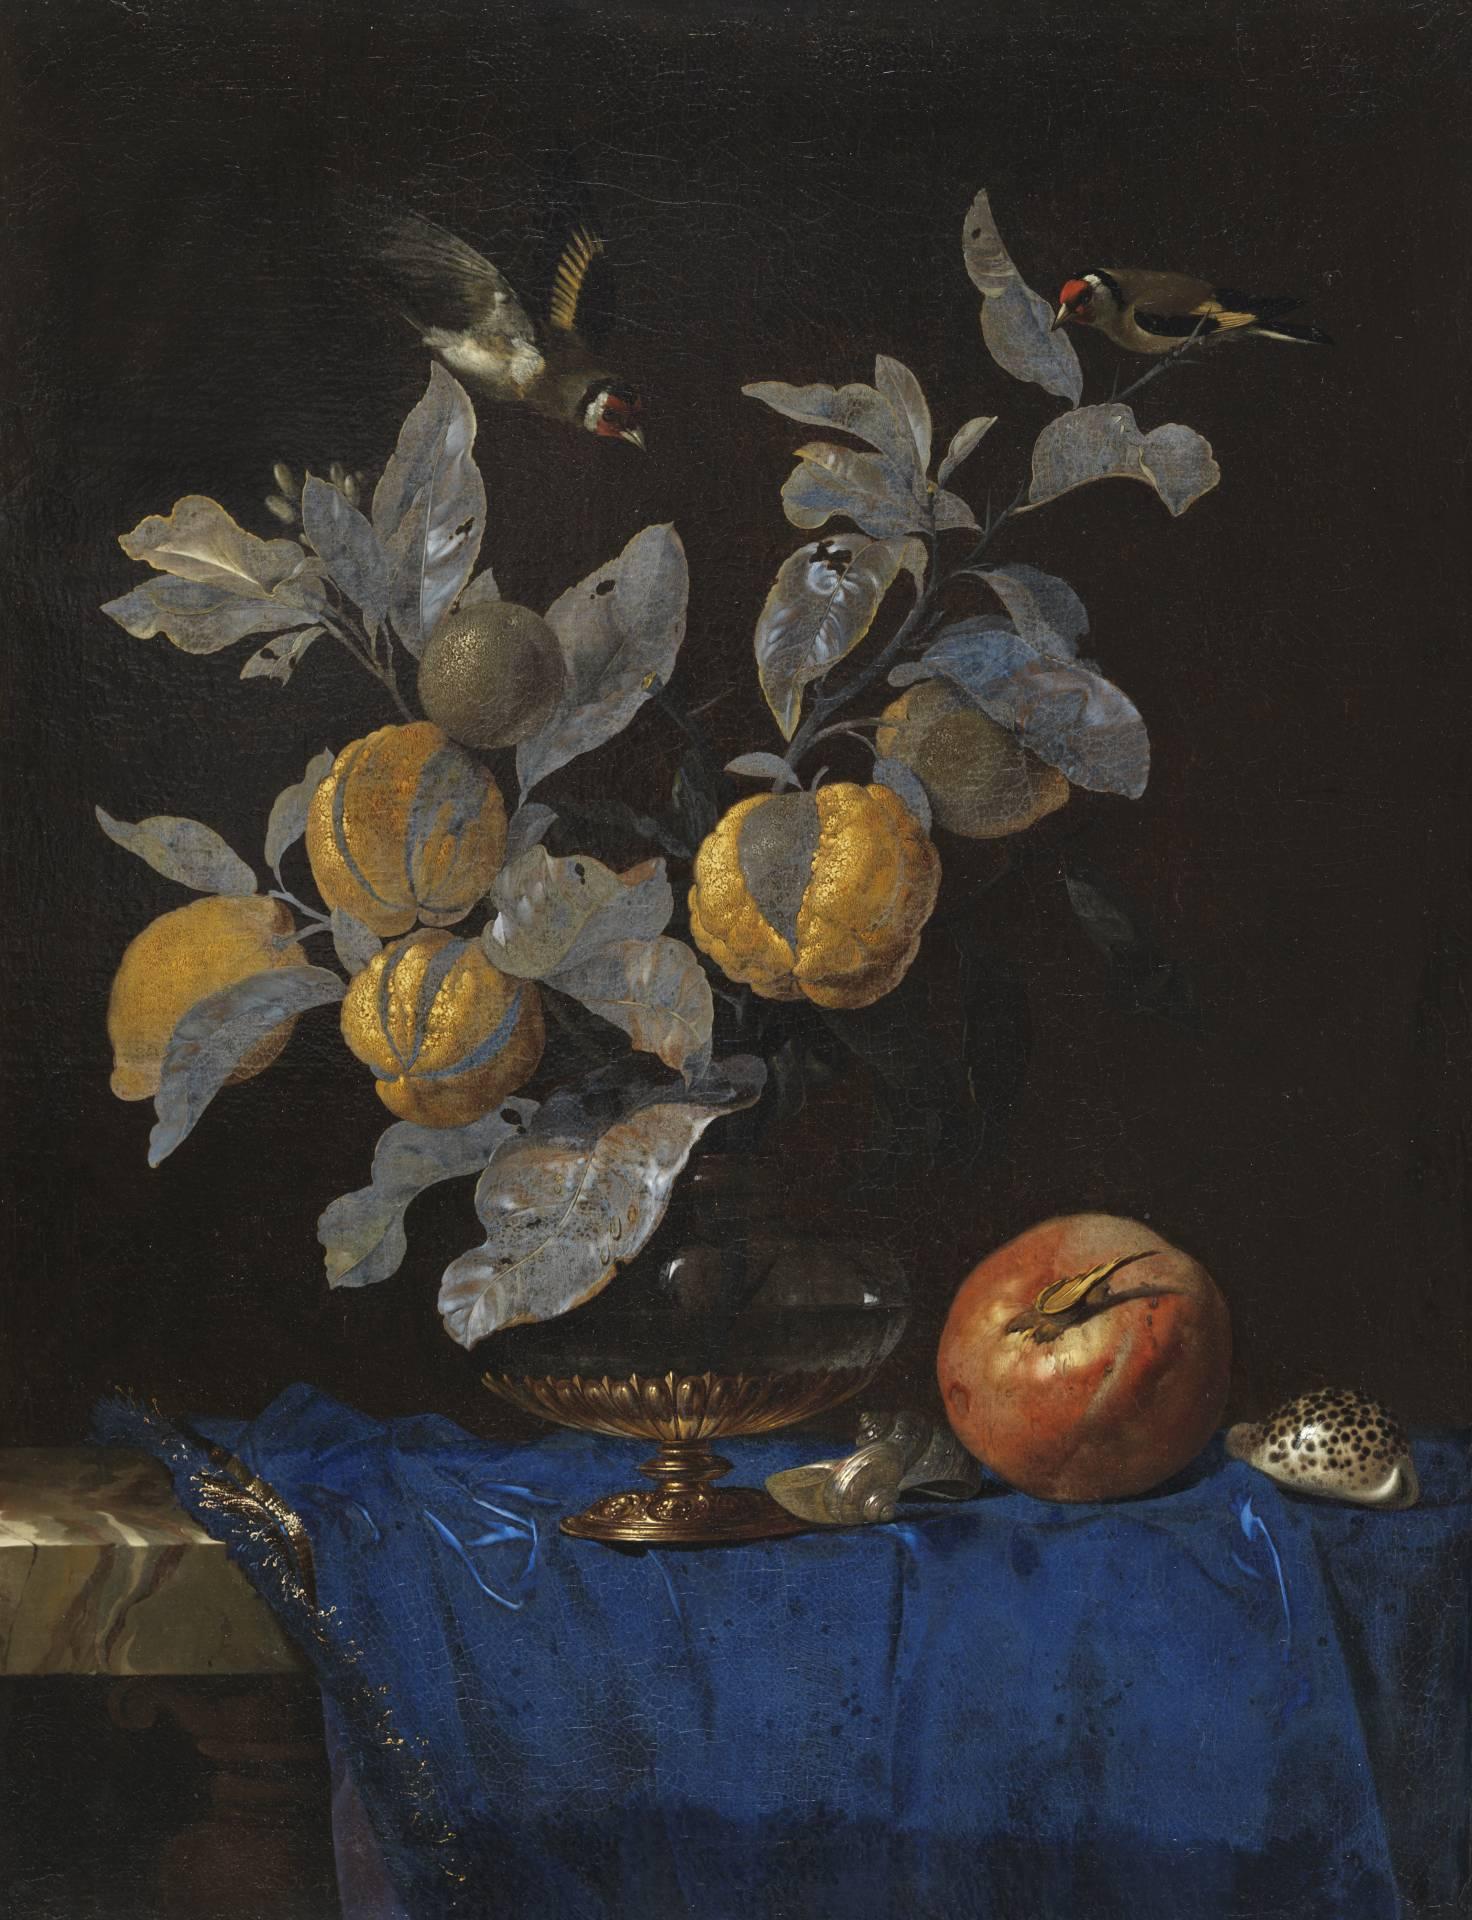 Un bodegón de frutas de Willem Van Aelst en el Thyssen Bornemisza.